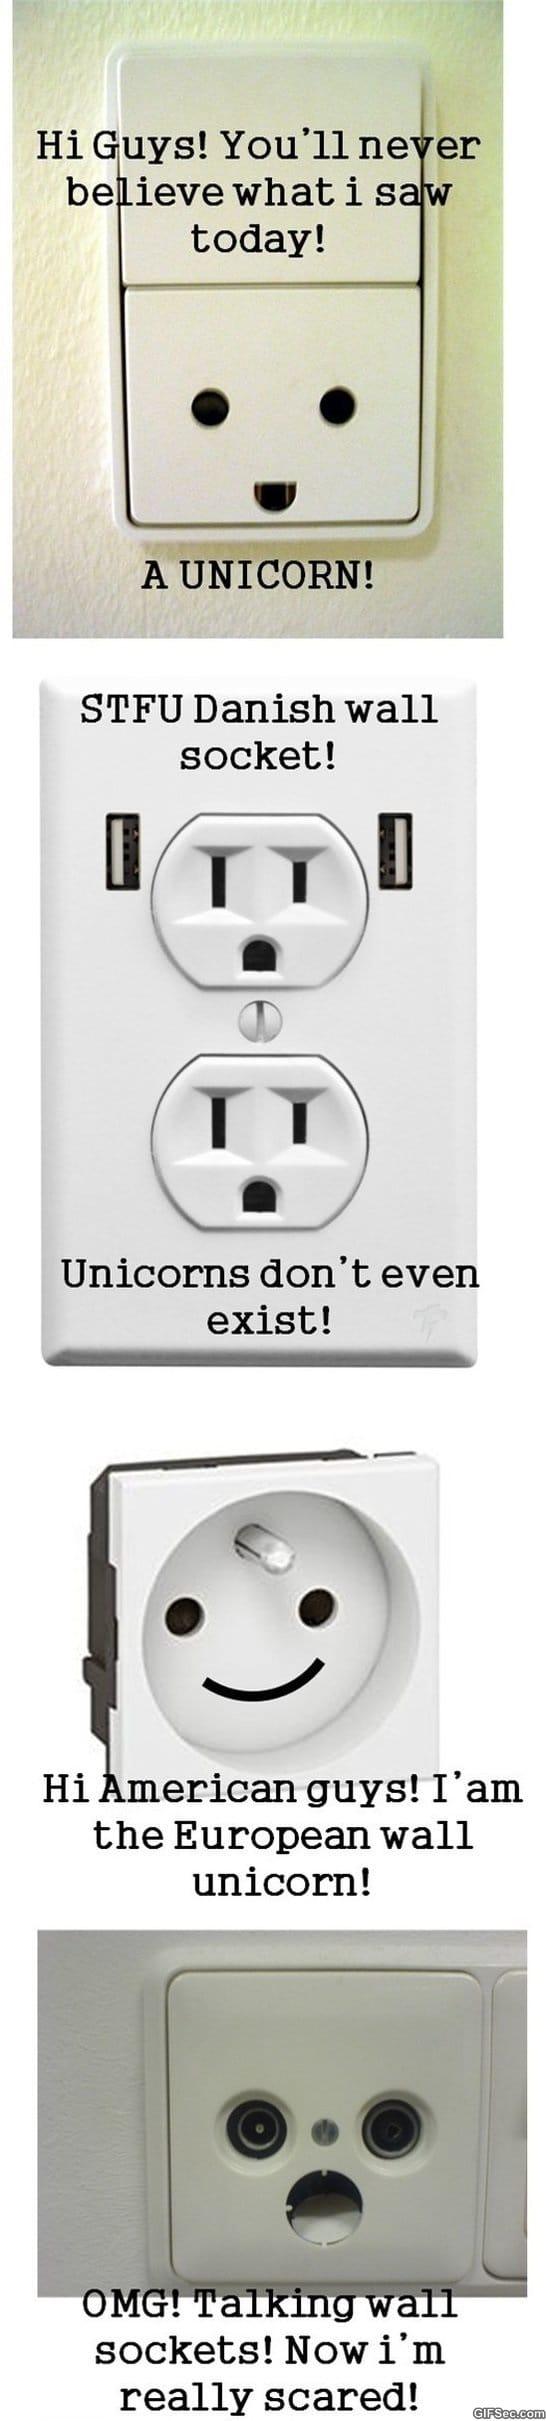 funny-wall-sockets